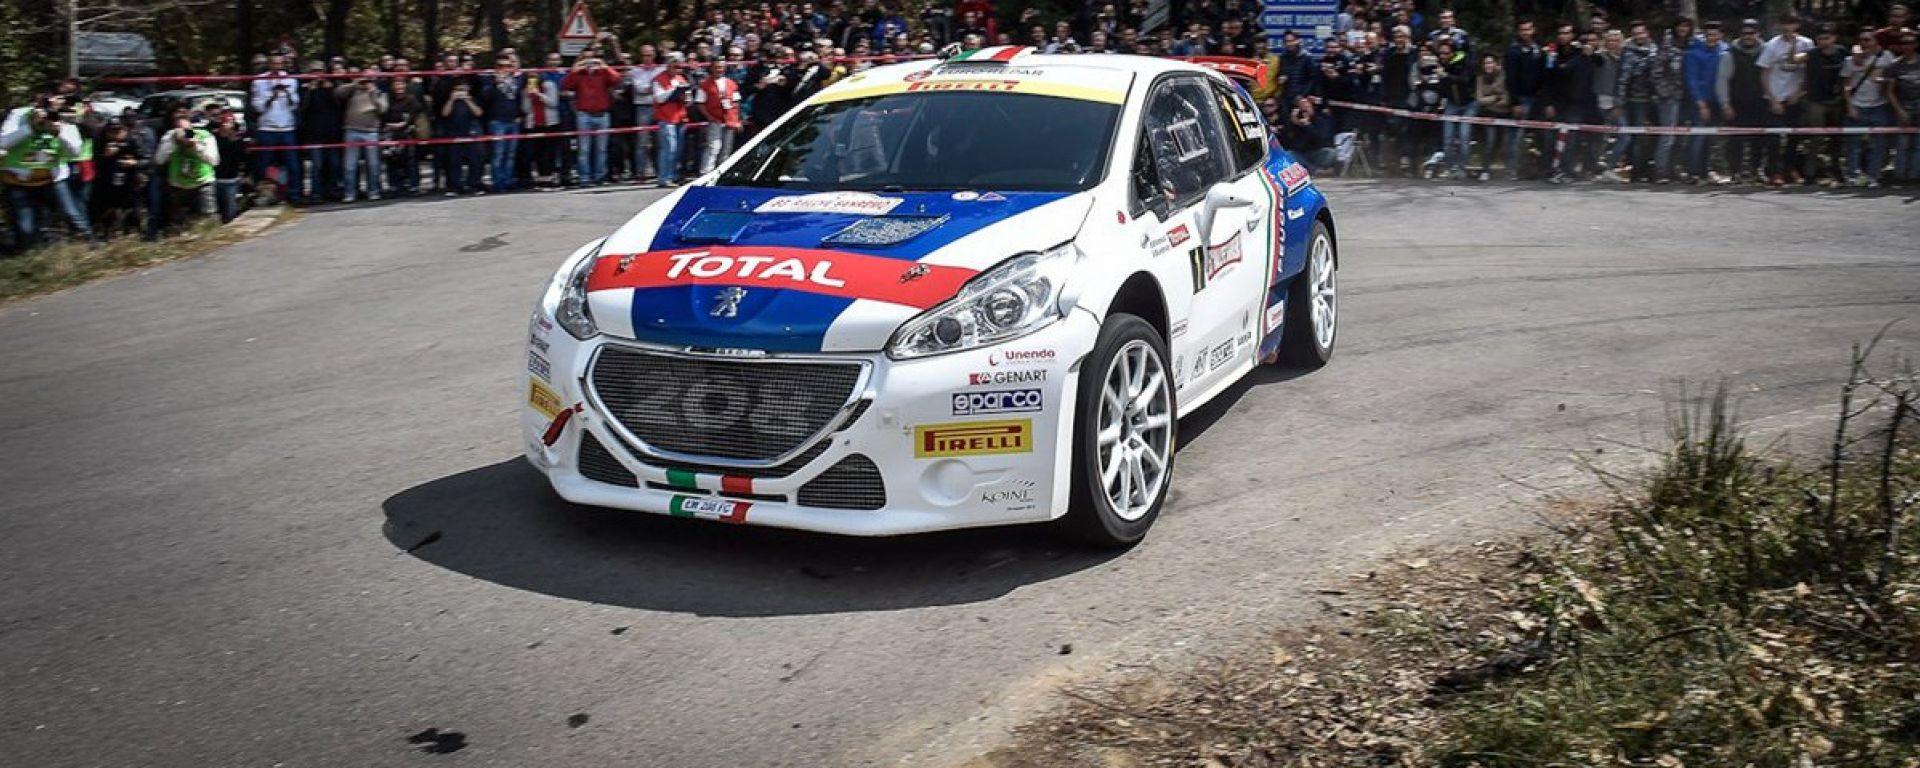 Andreucci - Andreussi - Campionato Italiano Rally